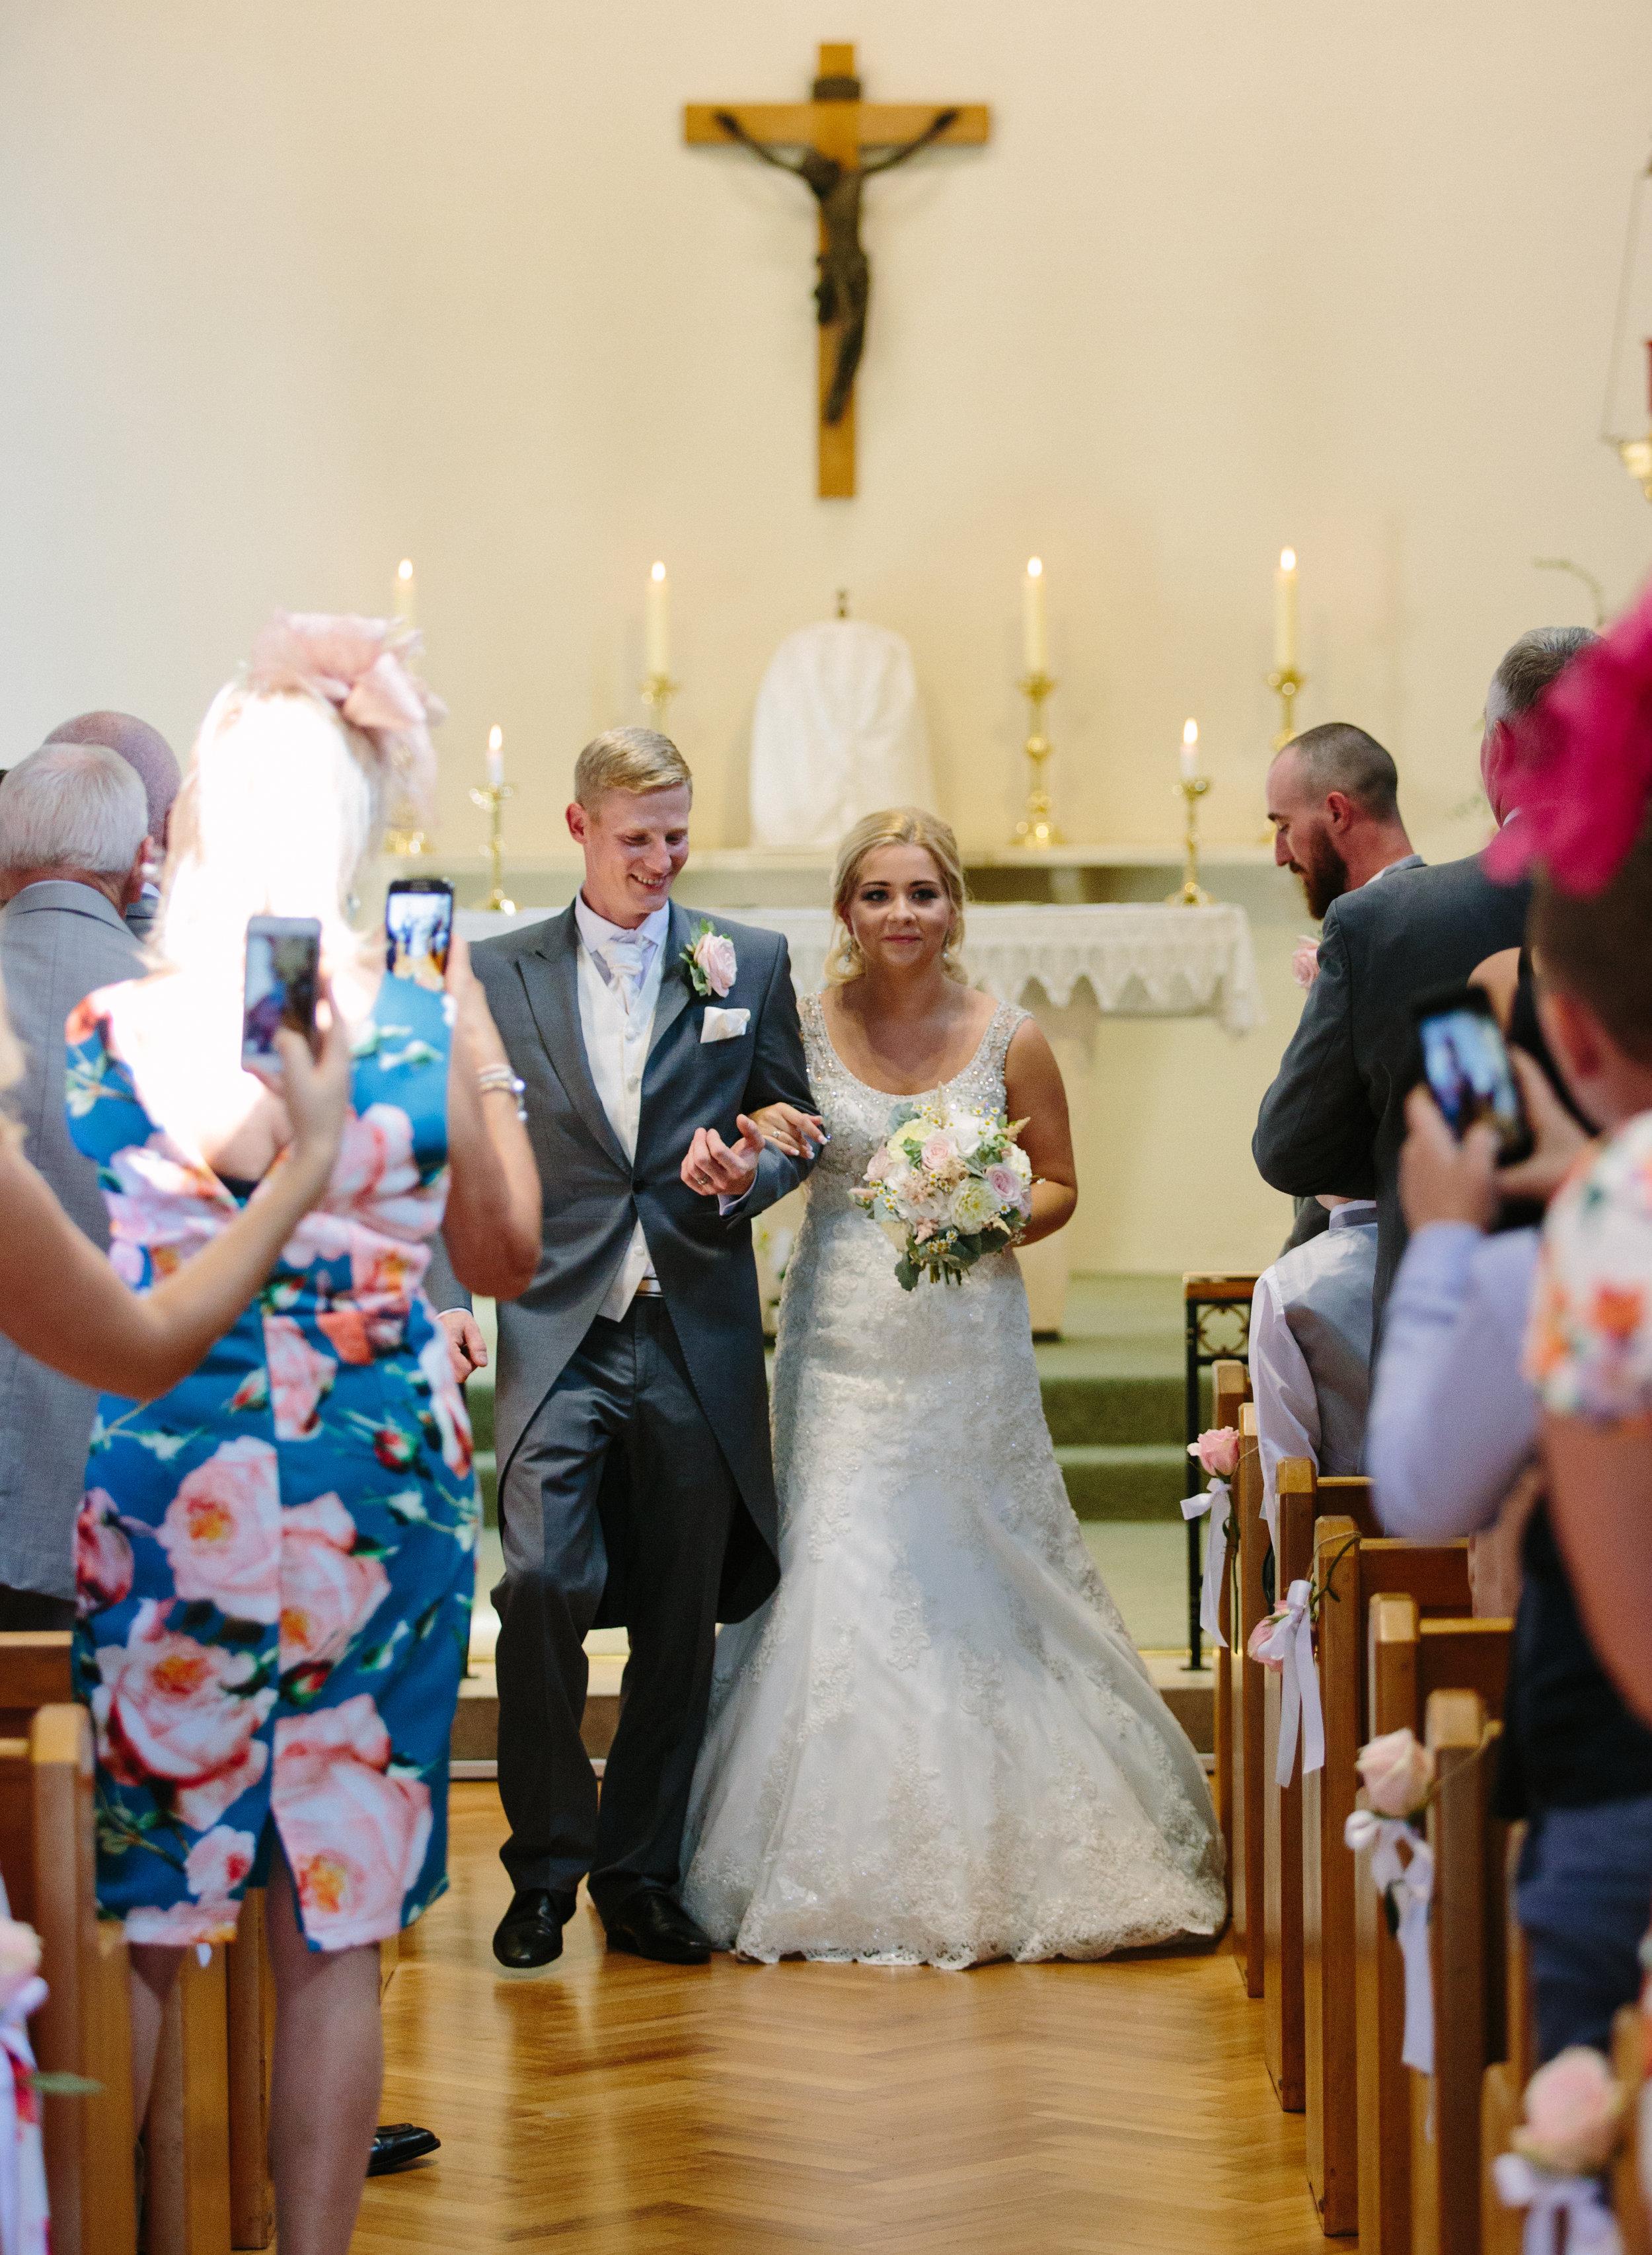 hitchin-hertfordshire-london-wedding-photography-catholic-ceremony-33